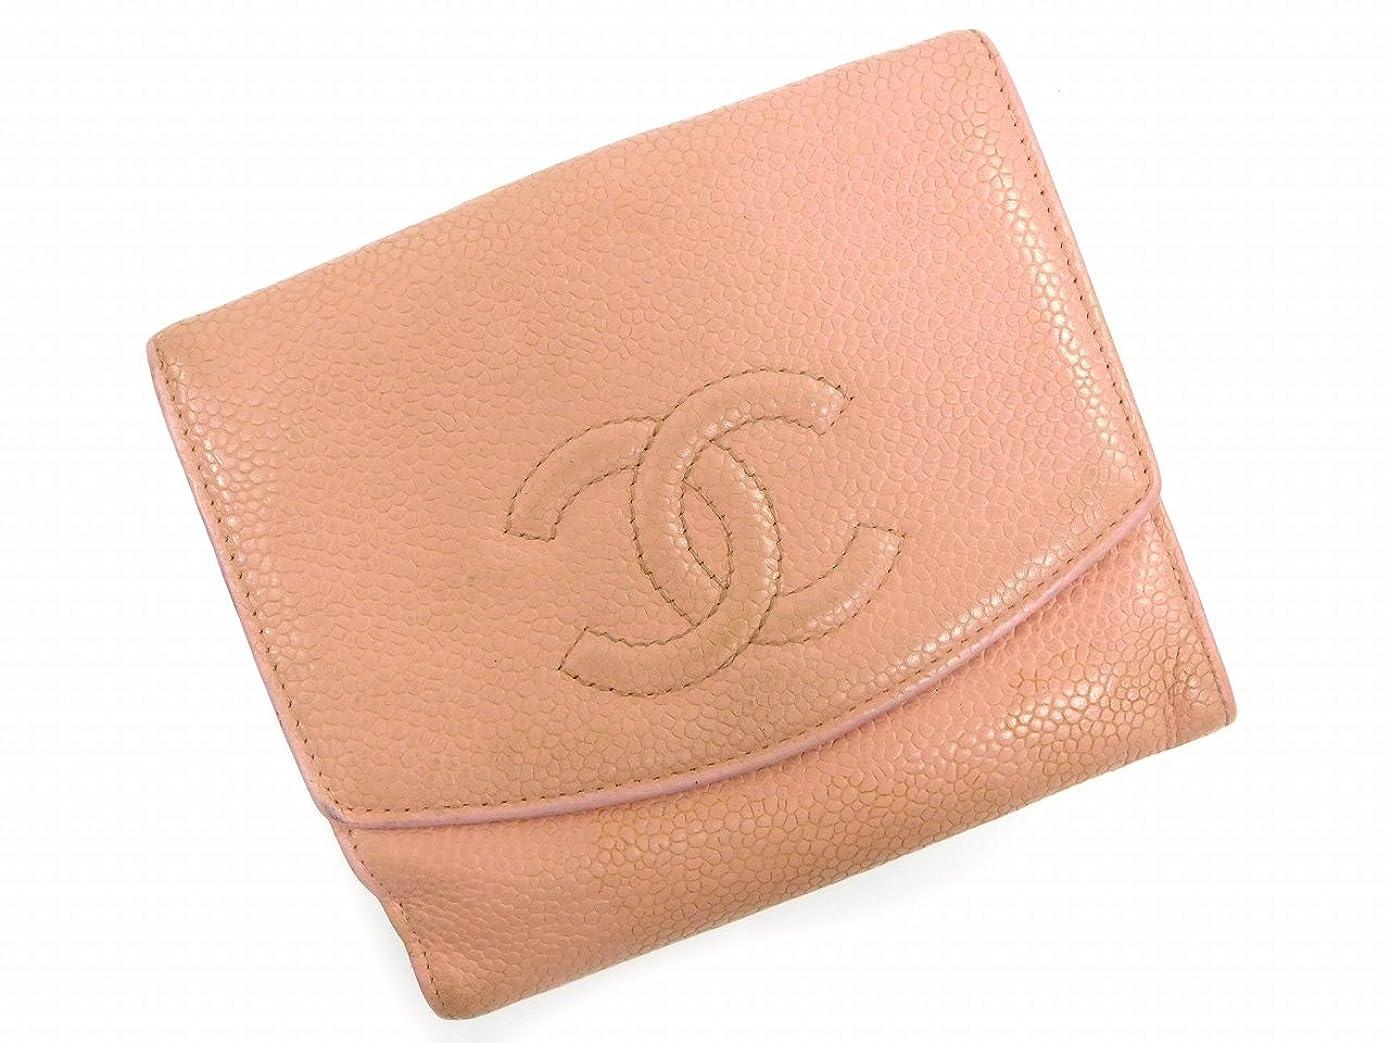 肉勘違いするパトワ[シャネル] CHANEL 二つ折り財布 キャビアスキン×ココマーク レザー X5324 中古